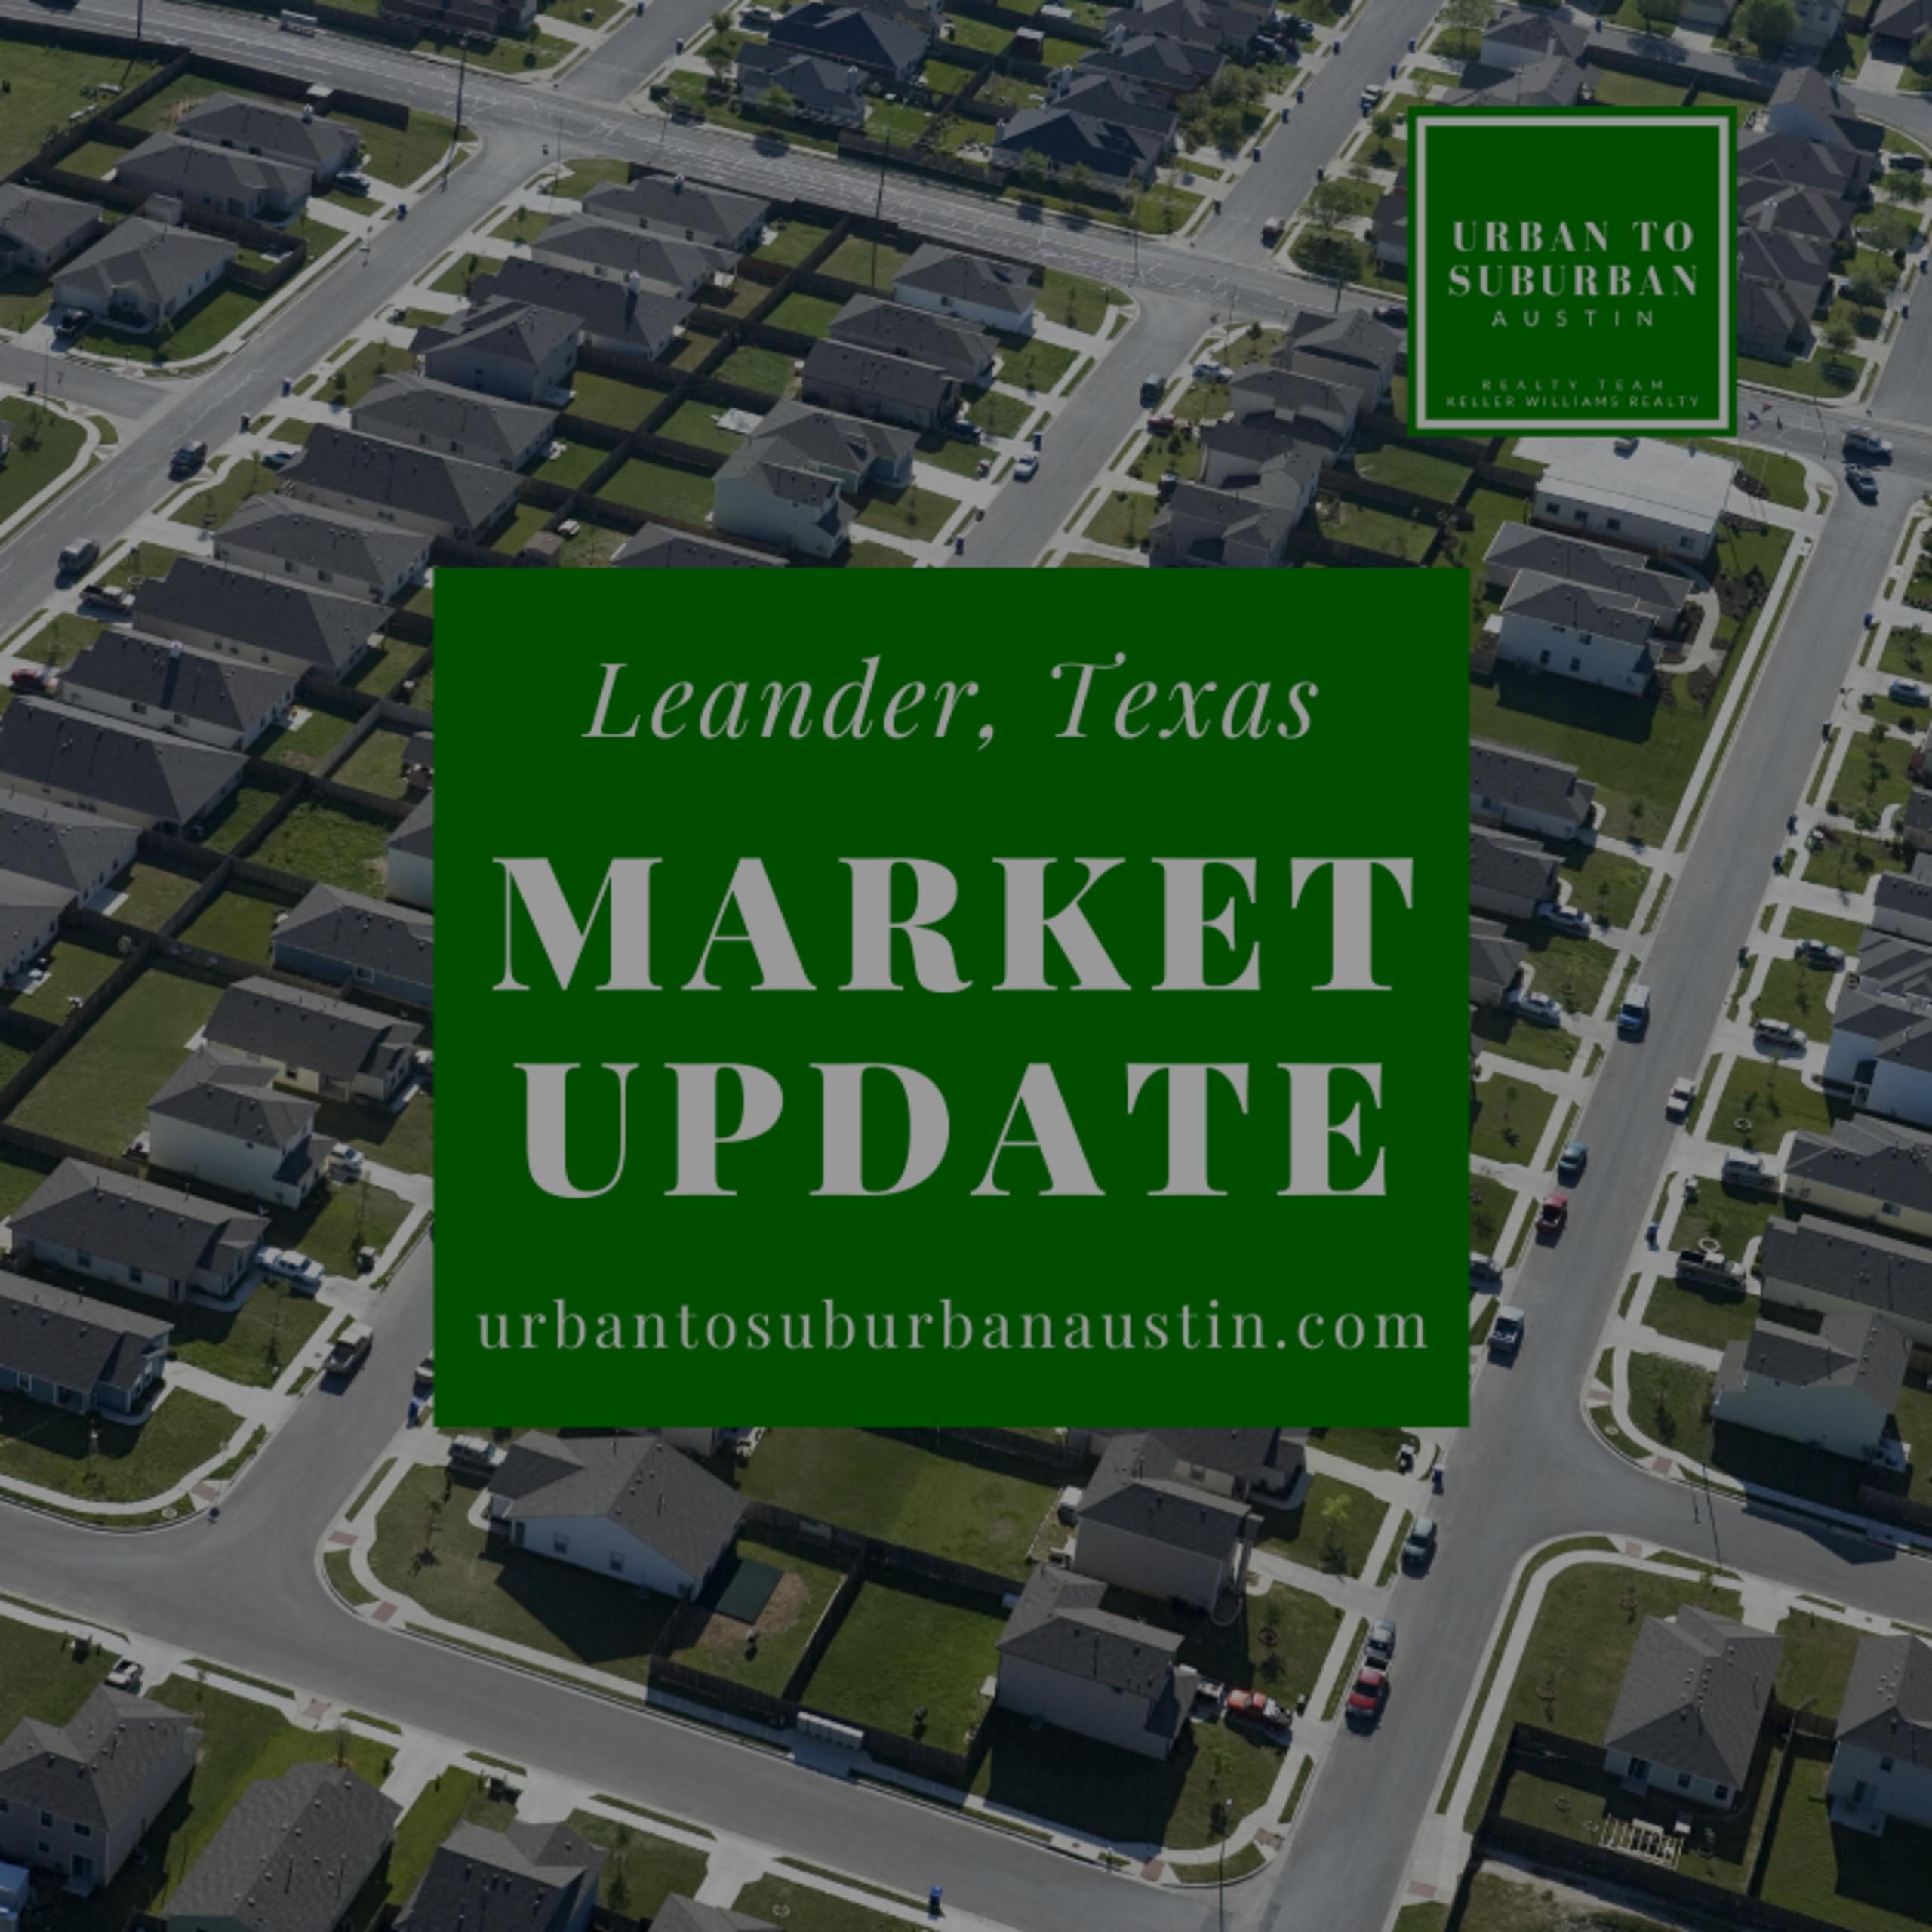 LEANDER, TEXAS HOUSING MARKET UPDATE FOR NOVEMBER 2019